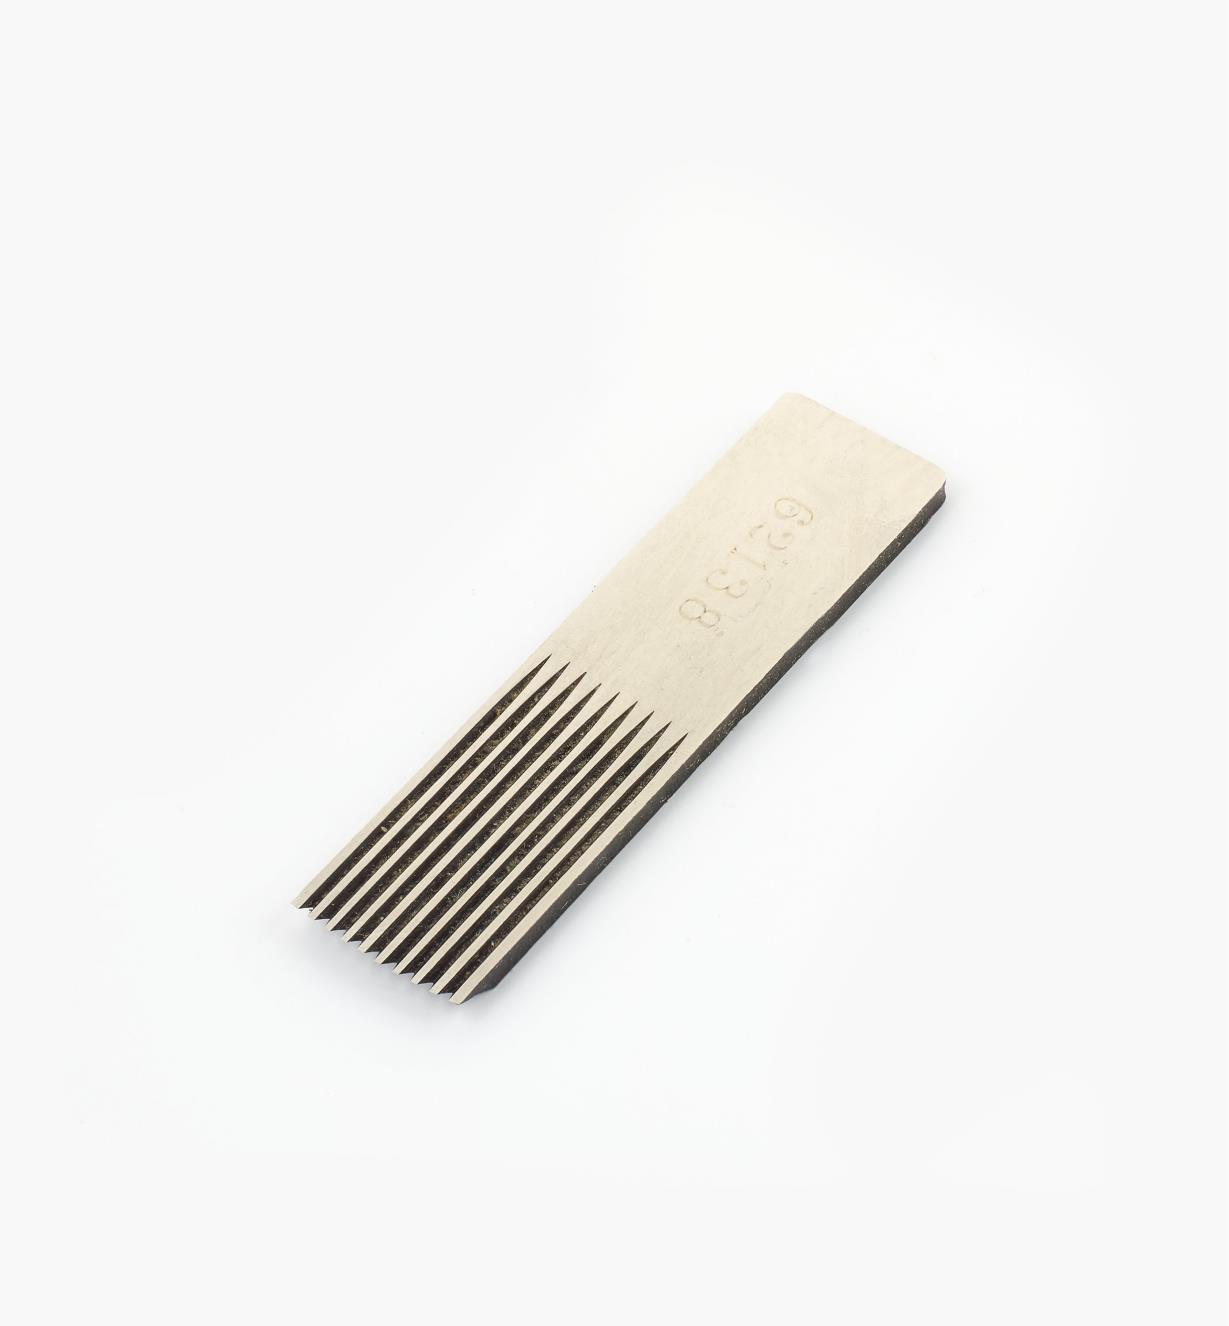 55P1106 - Lame de remplacement dentée, 12mm